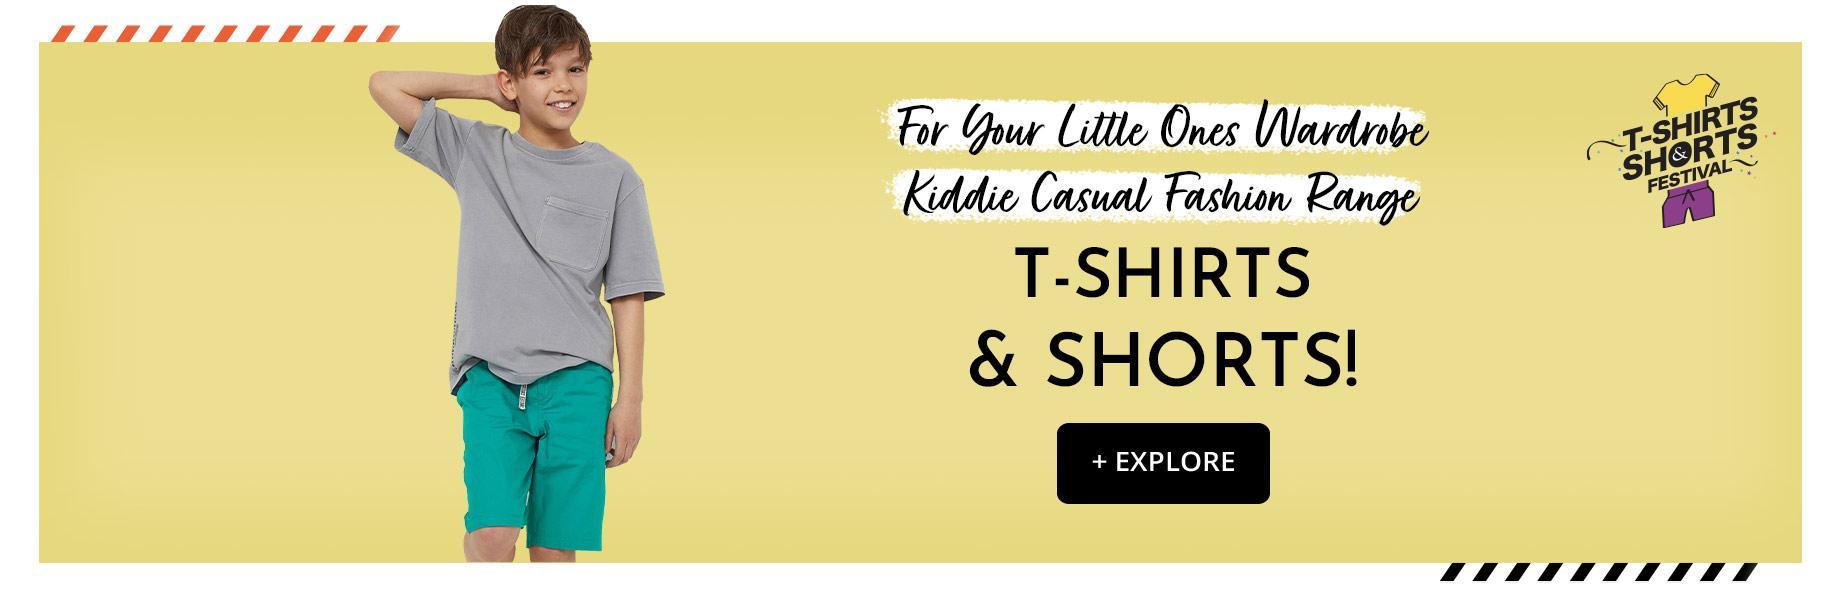 Tshirts-Fest-Static-Kids-Web.jpg